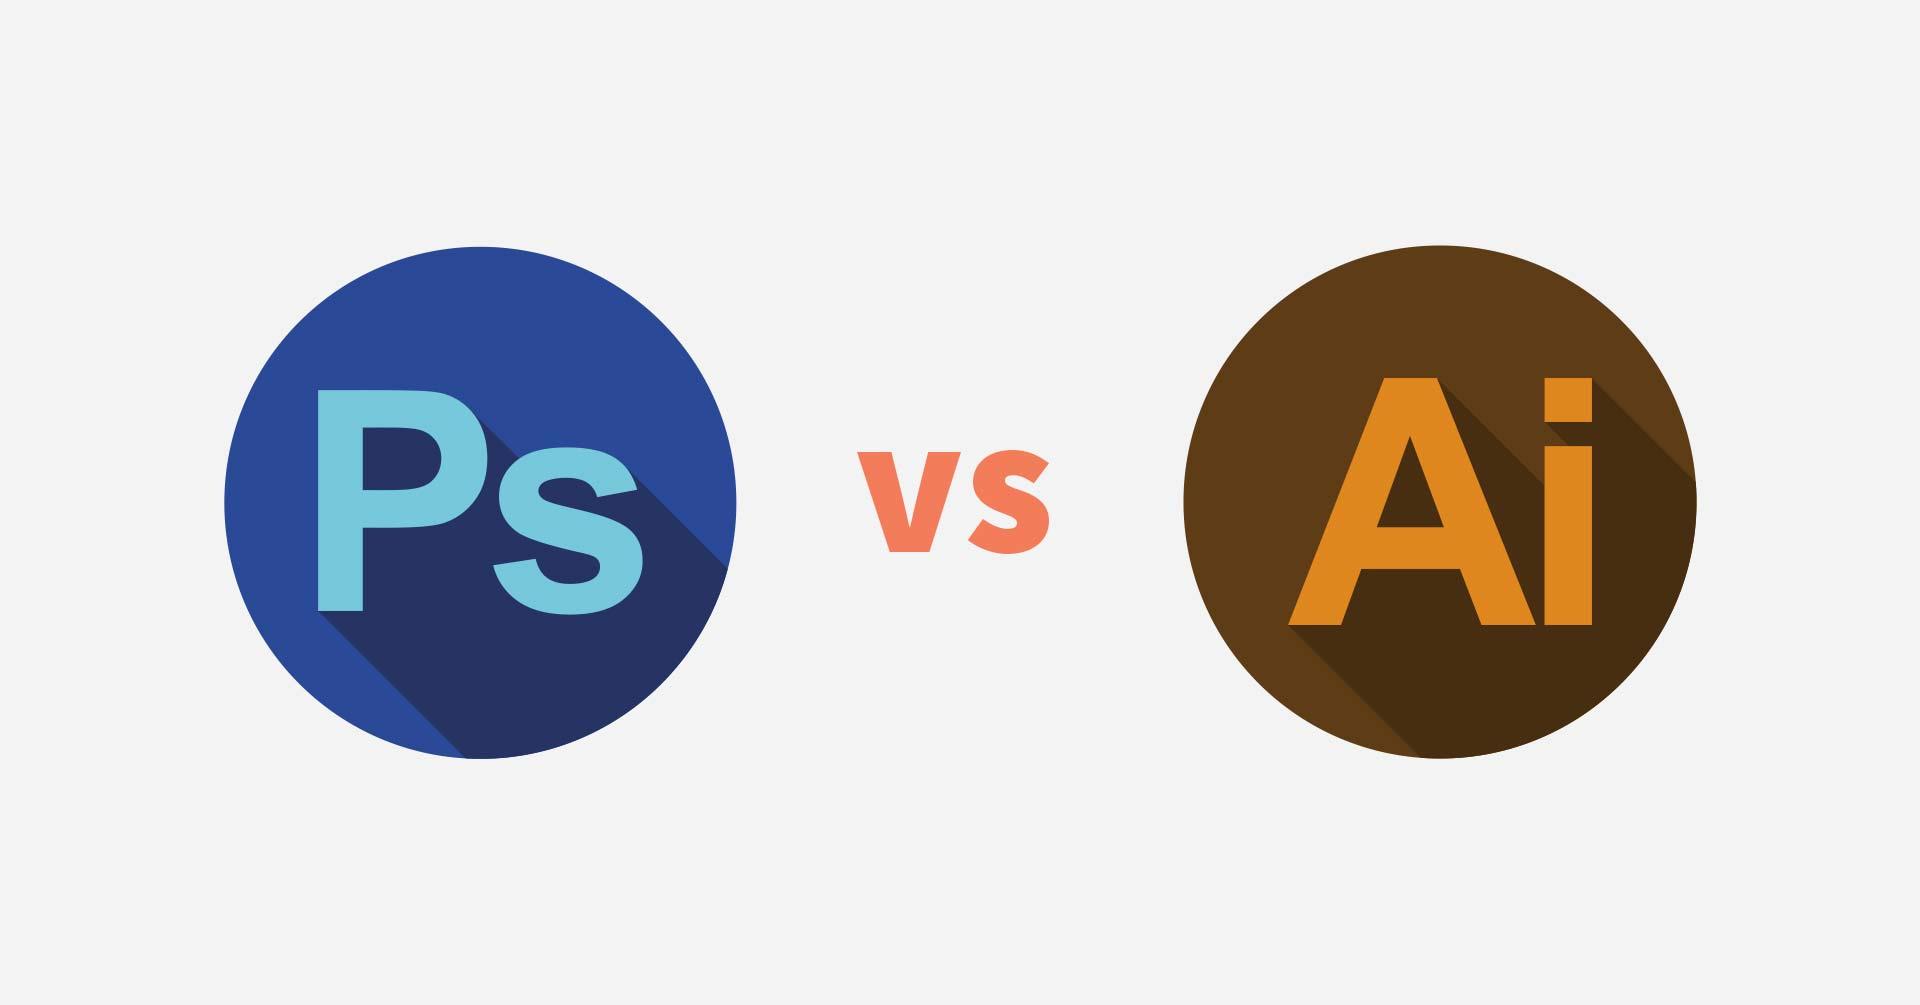 Sự khác biệt cơ bản giữa Photoshop và Illustrator